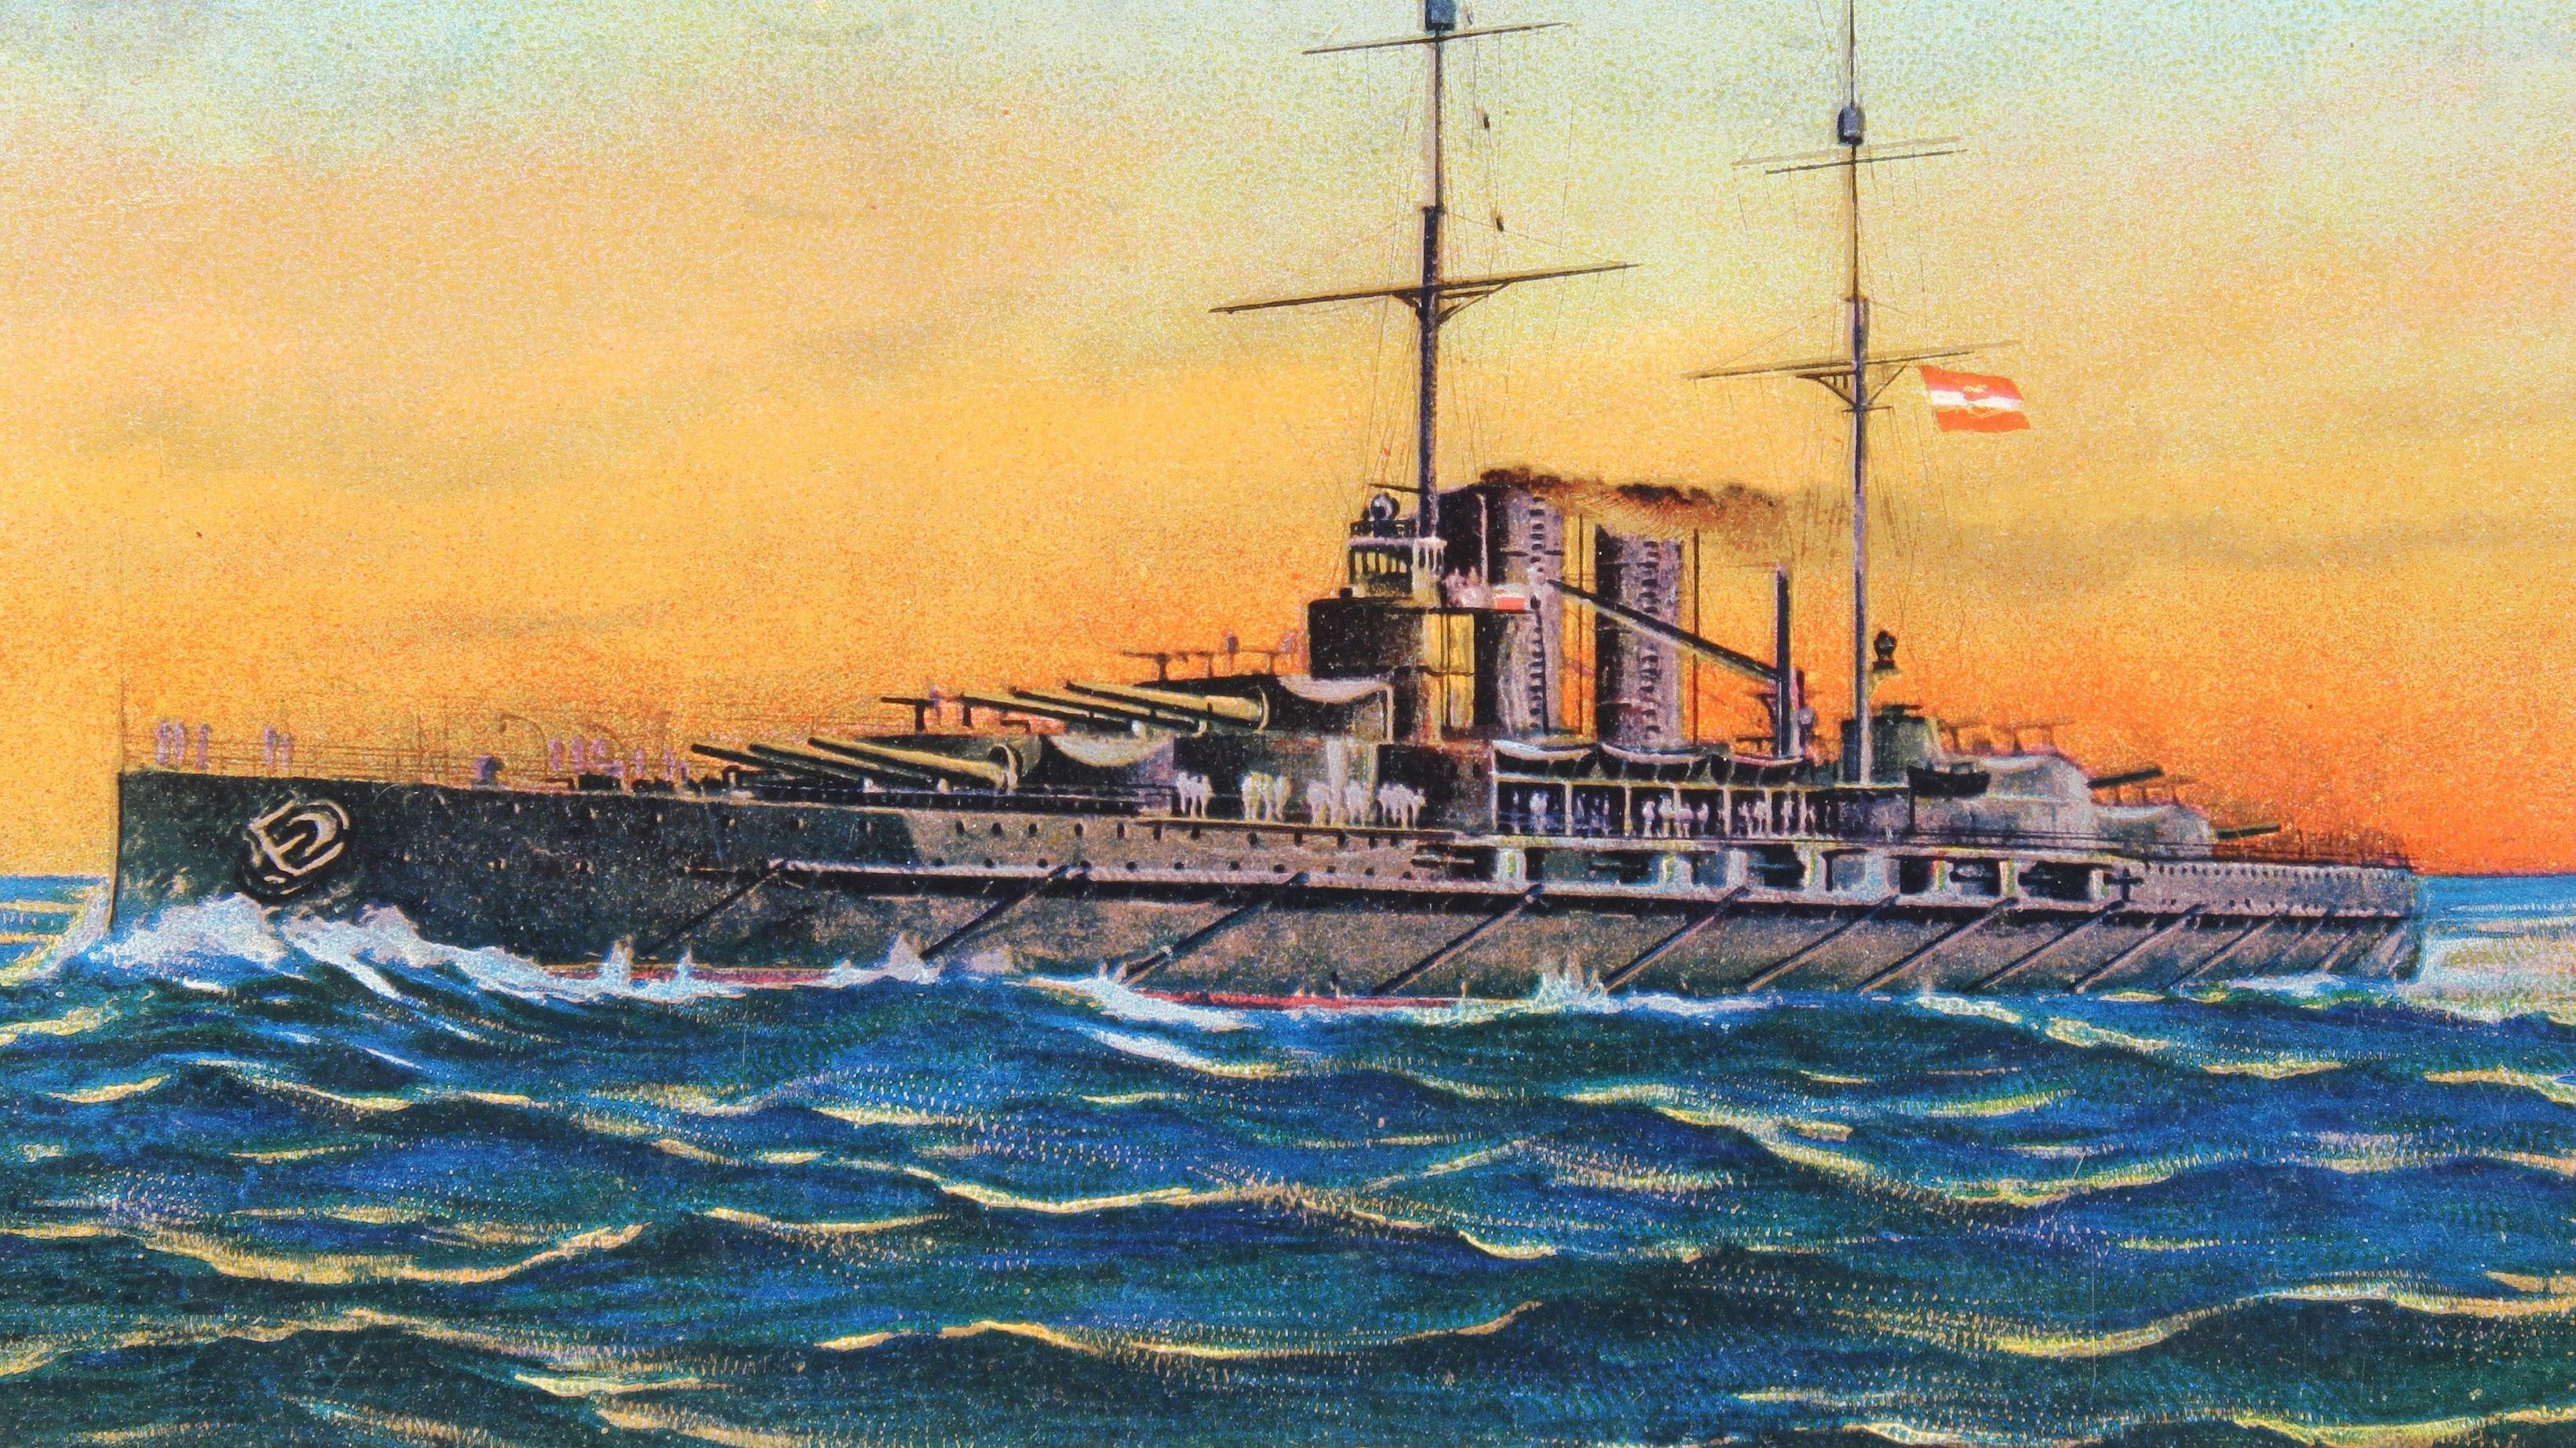 """Malerei des Kriegsschiffs der deutschen Marine """"Prinz Eugen"""" im Einsatz"""